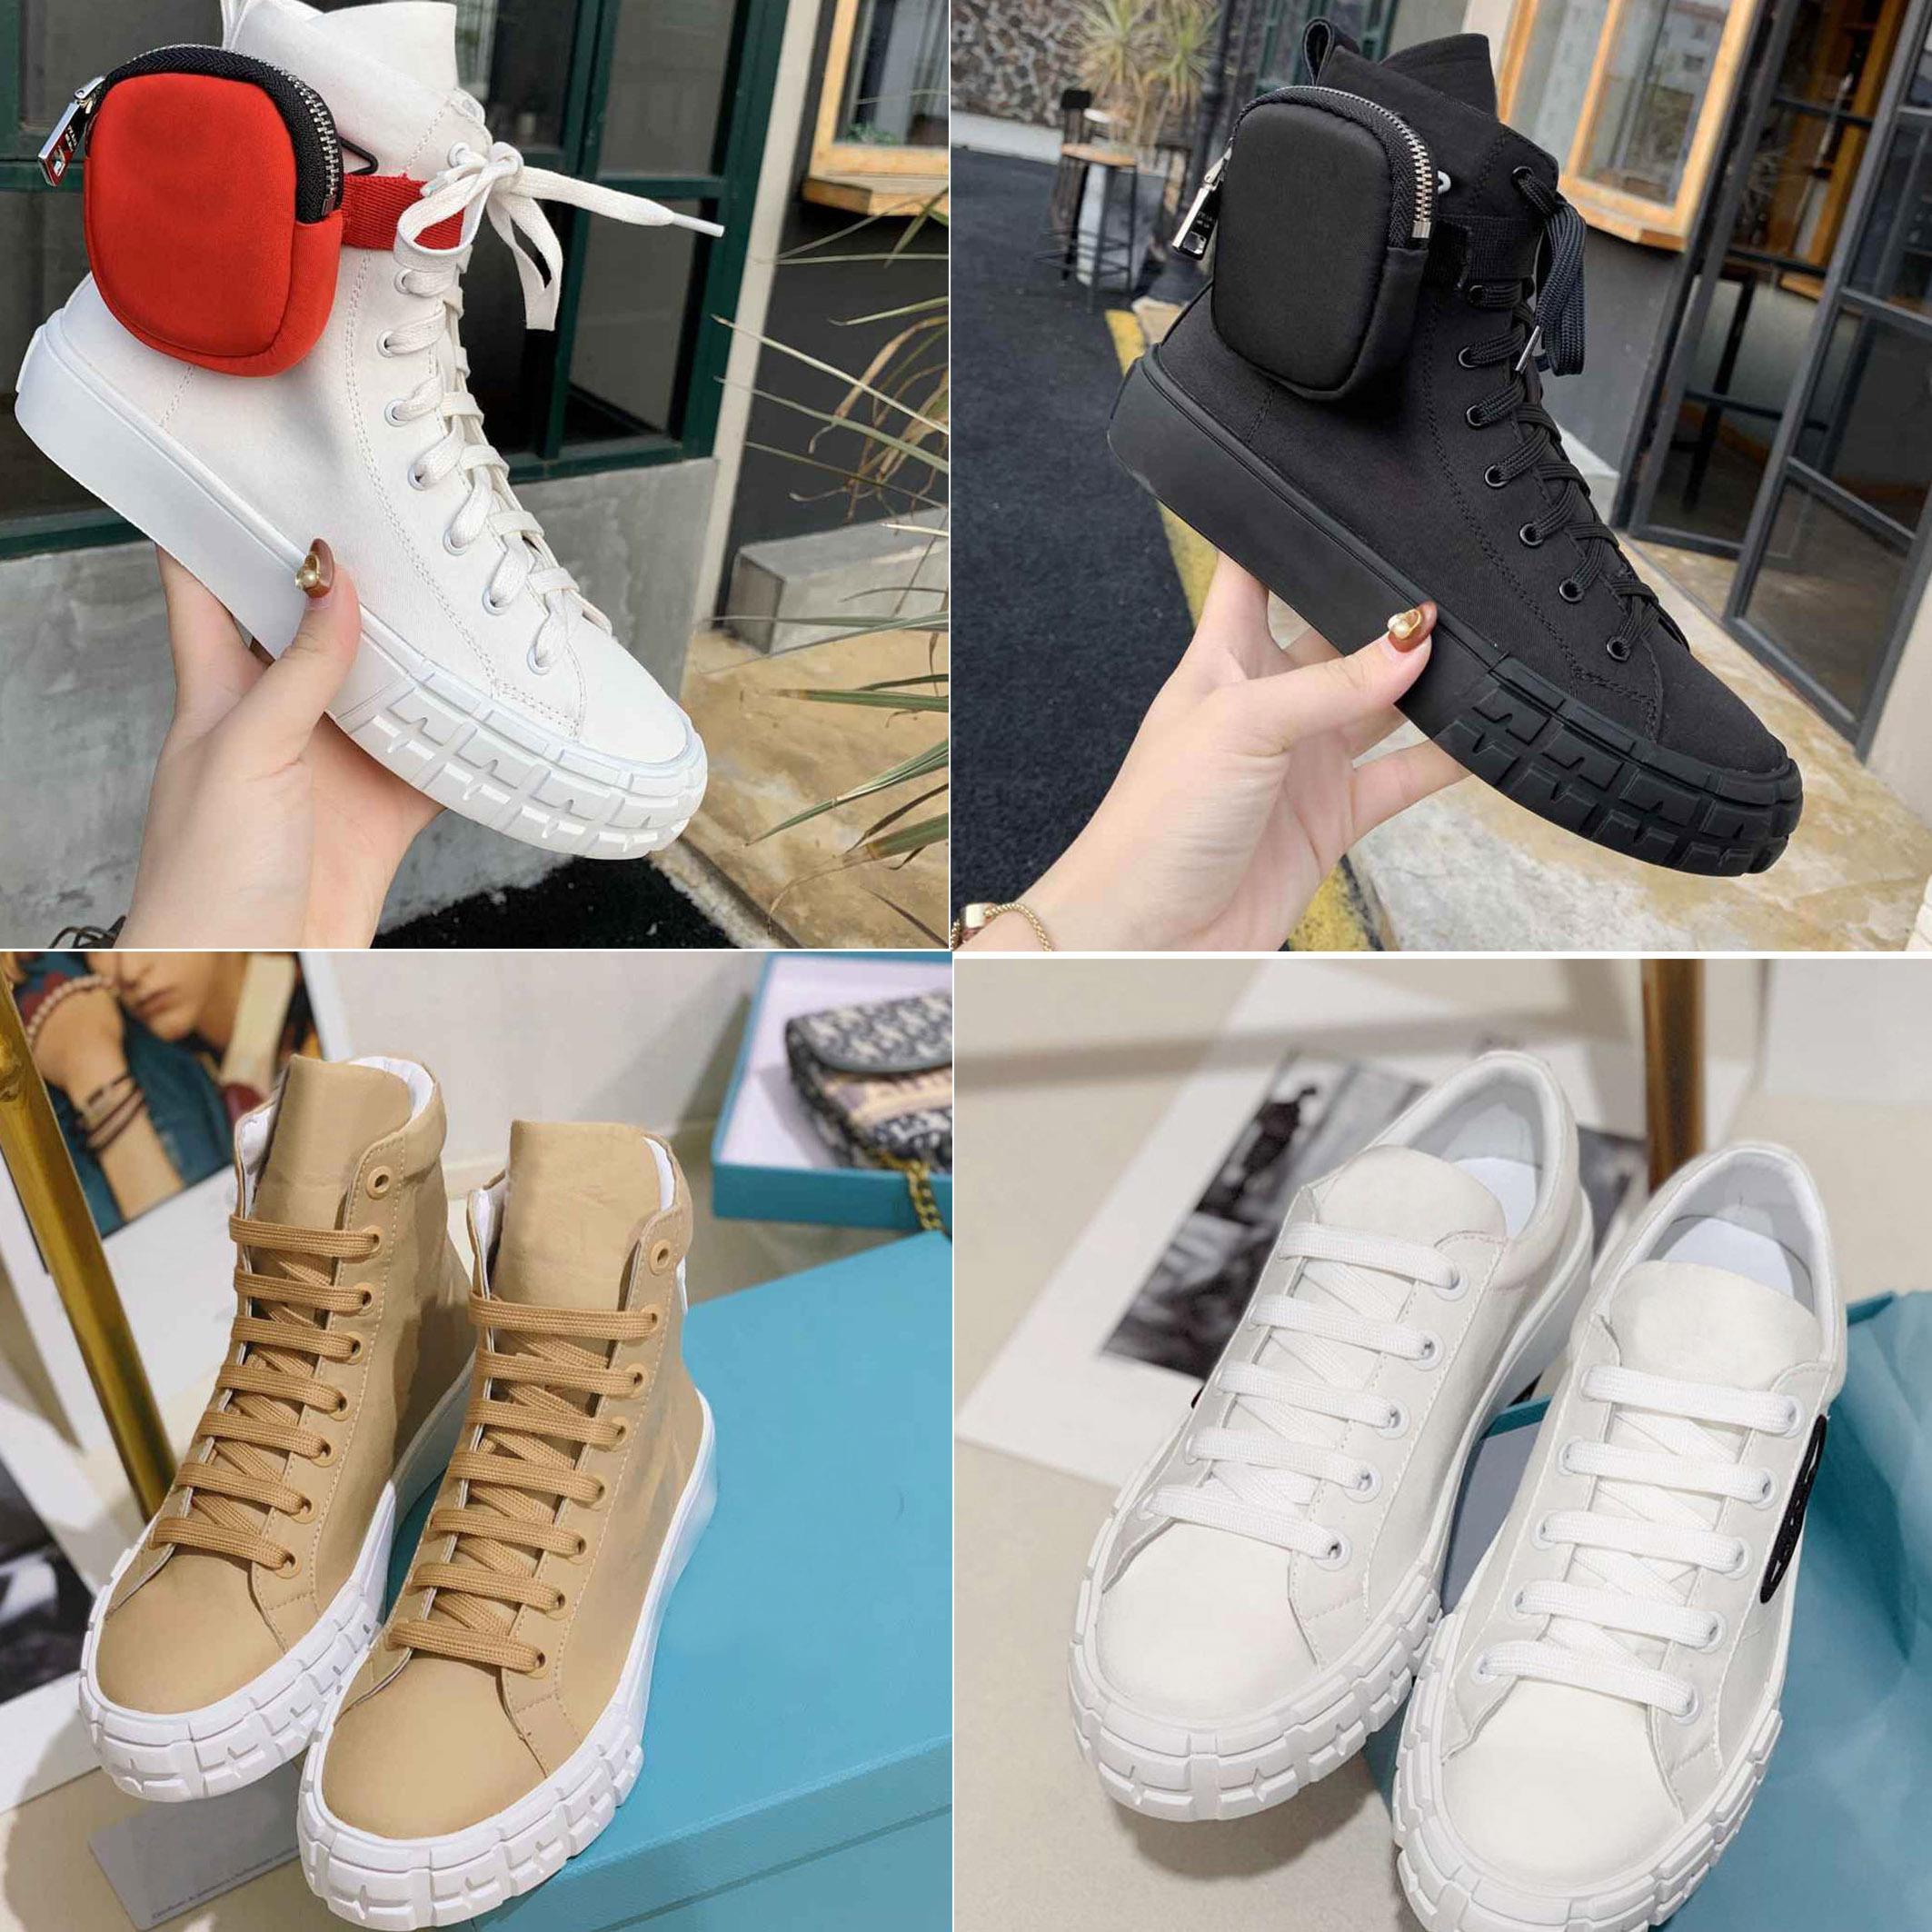 2021 Nuevos zapatos de lona superior altos y bajos Los amantes del color sólido Casual lienzo zapatos de alta calidad